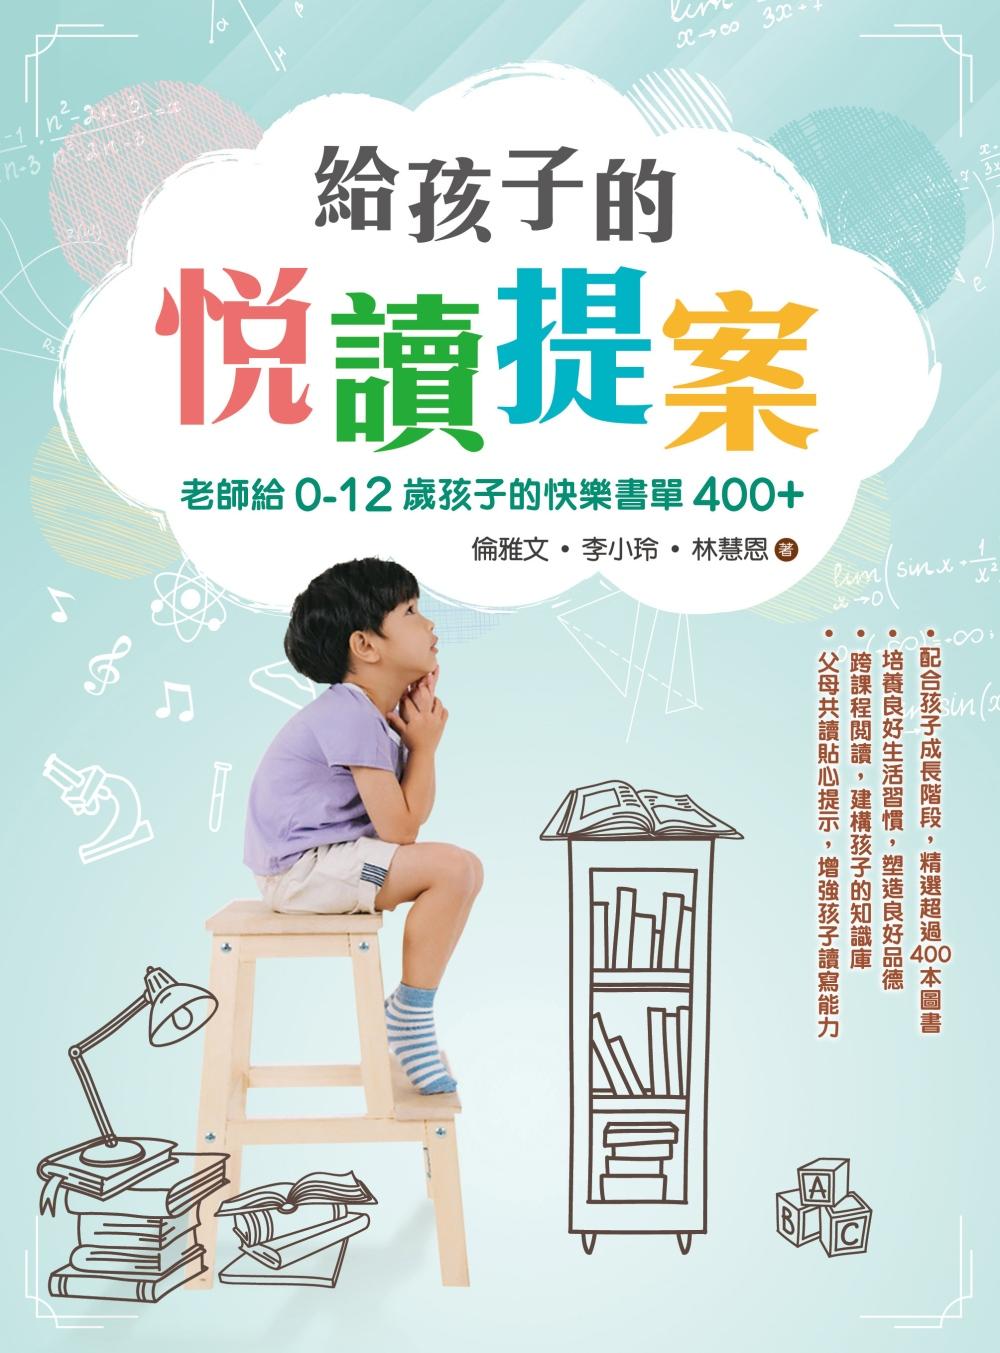 給孩子的悅讀提案:老師給0-12歲孩子的快樂書單400+